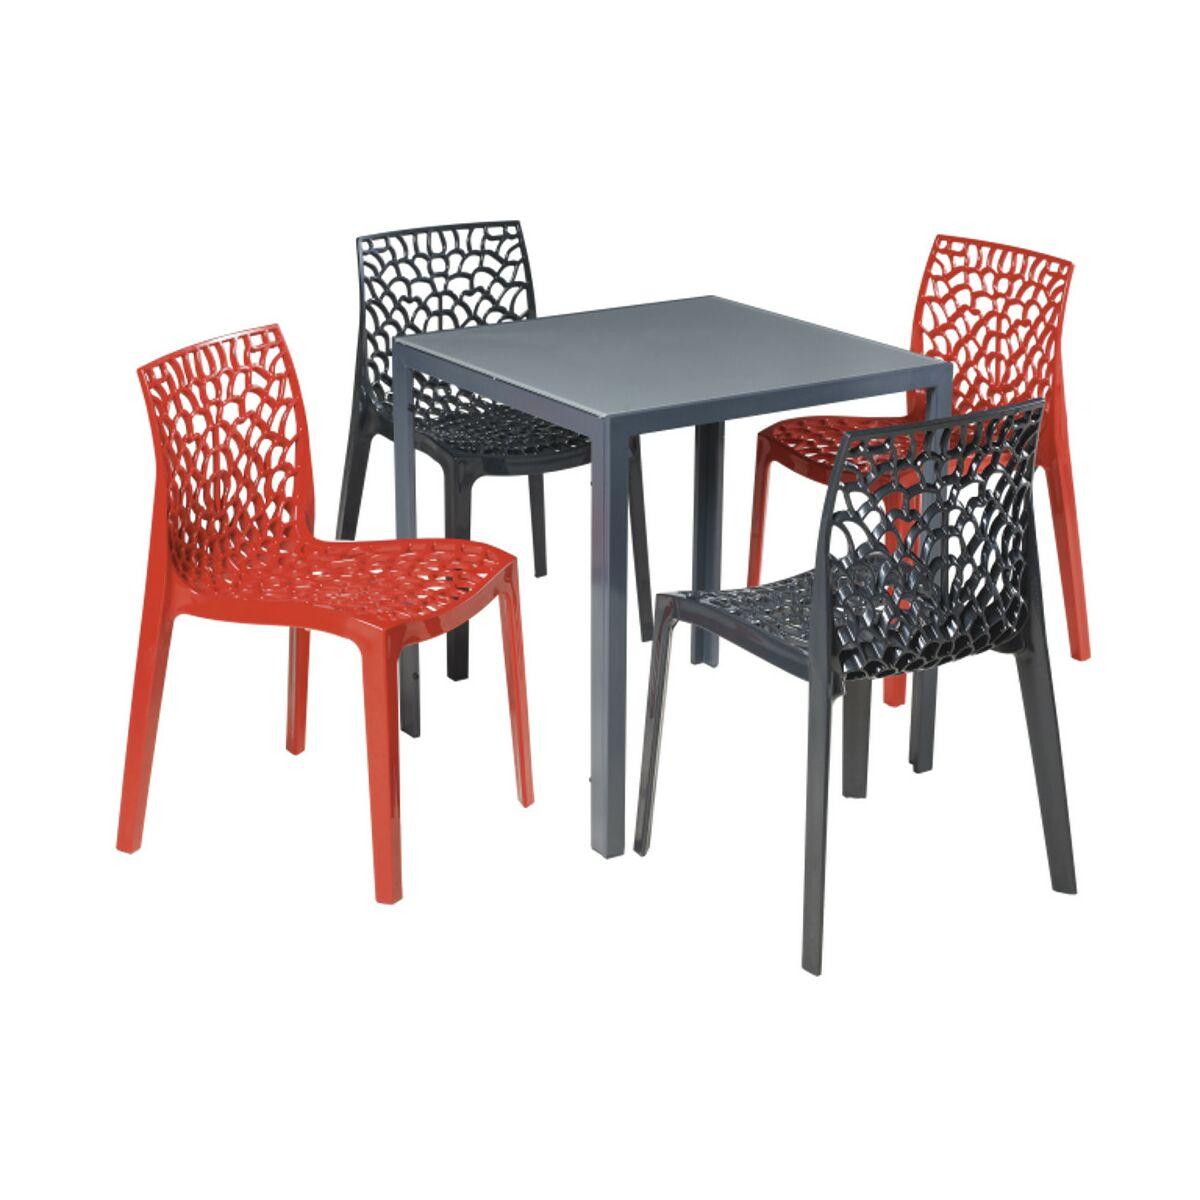 stoliki i krzesła ogrodowe z tworzywa